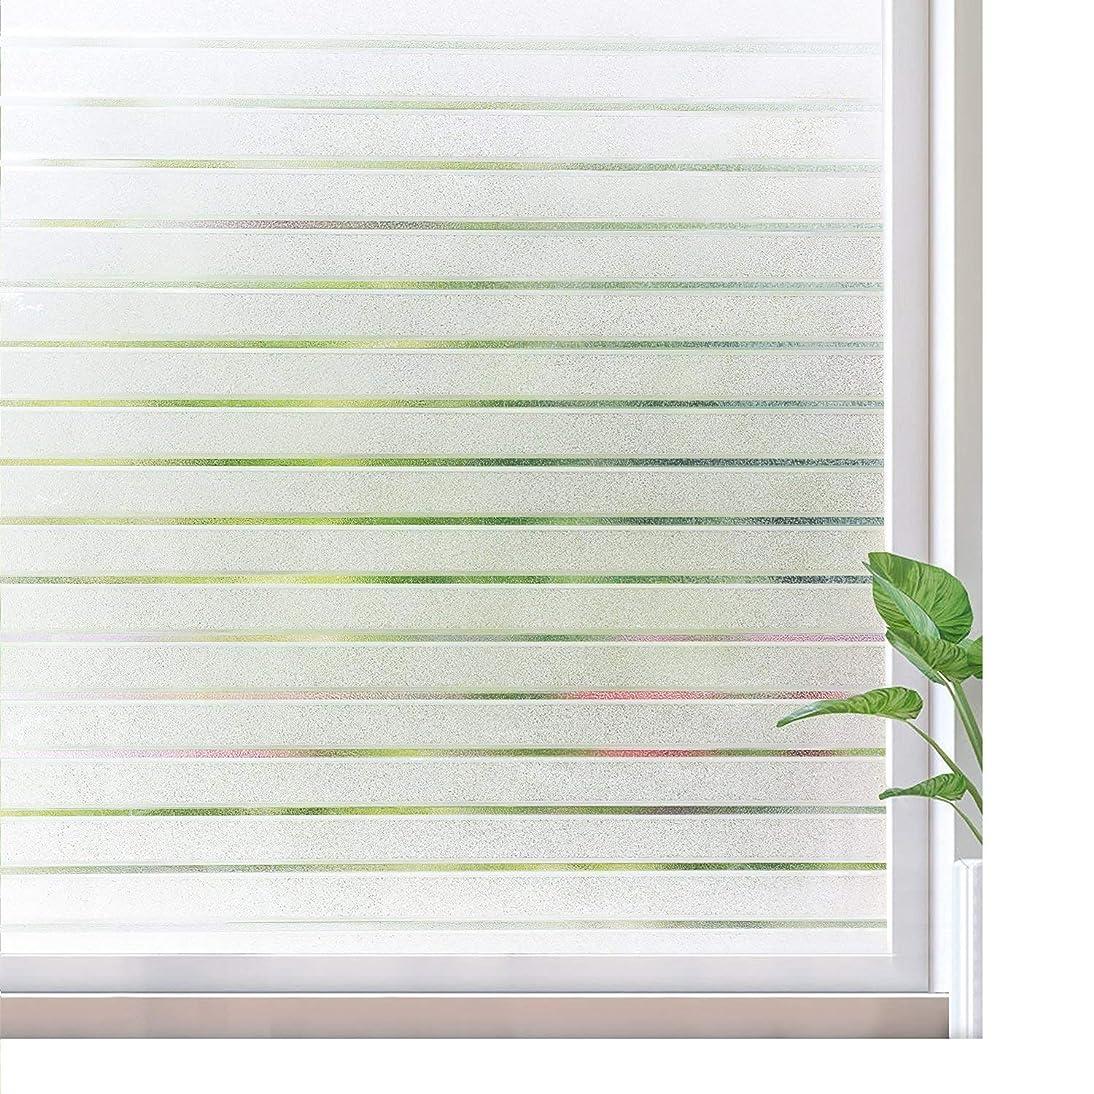 速報確率中性窓用フィルム ストライプ 窓 めかくしシート 水で貼れるガラスフィルム 跡なくはがせる オフィス事務室会議室の視線阻隔 遮光 目隠し UVカット 日よけ 断熱 飛散防止 スリガラス調 網入りガラス適用 (ホワイト 44.5X200cm)